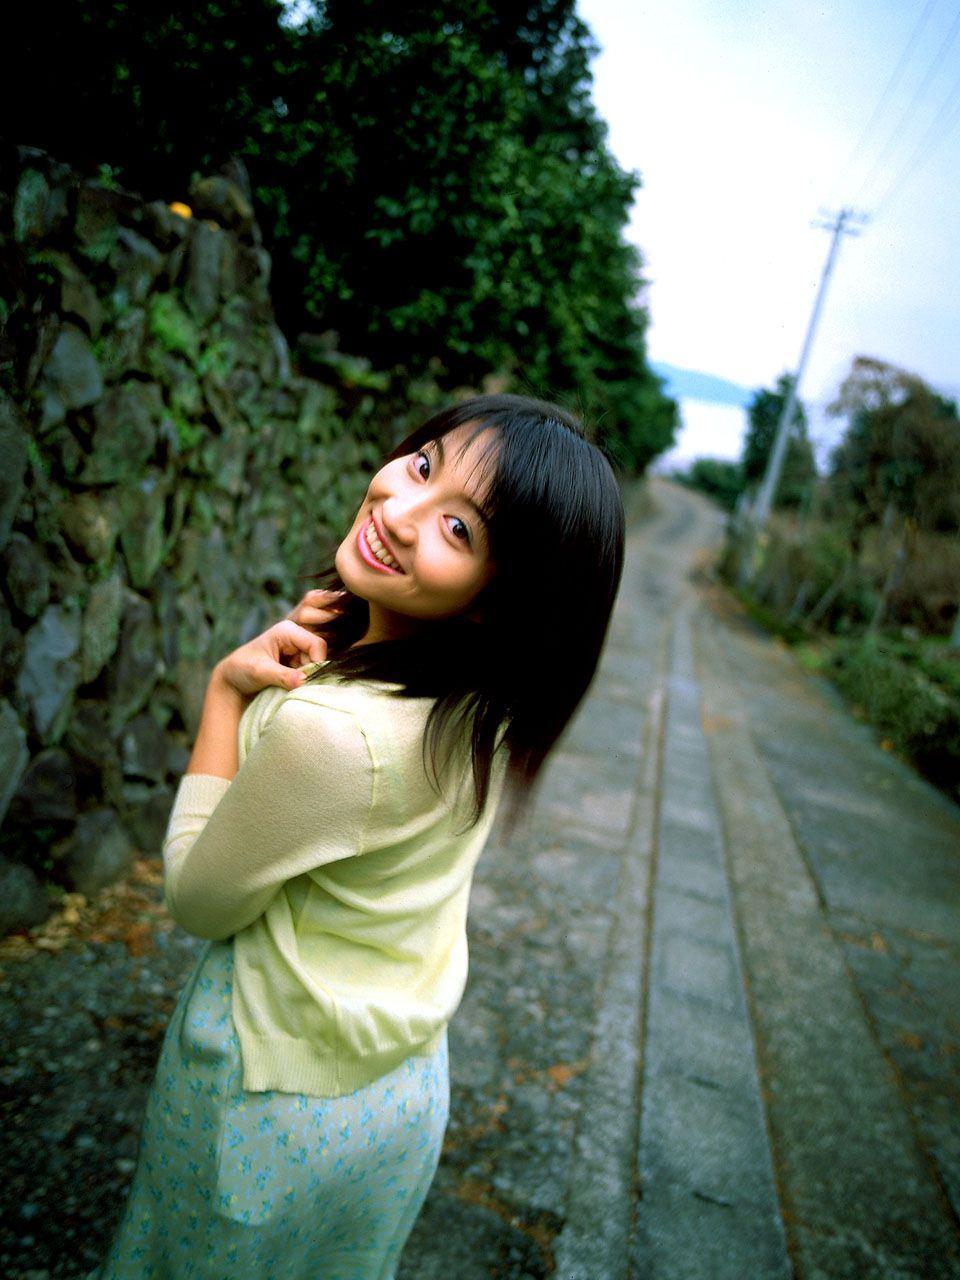 鈴木繭菓の画像 p1_33